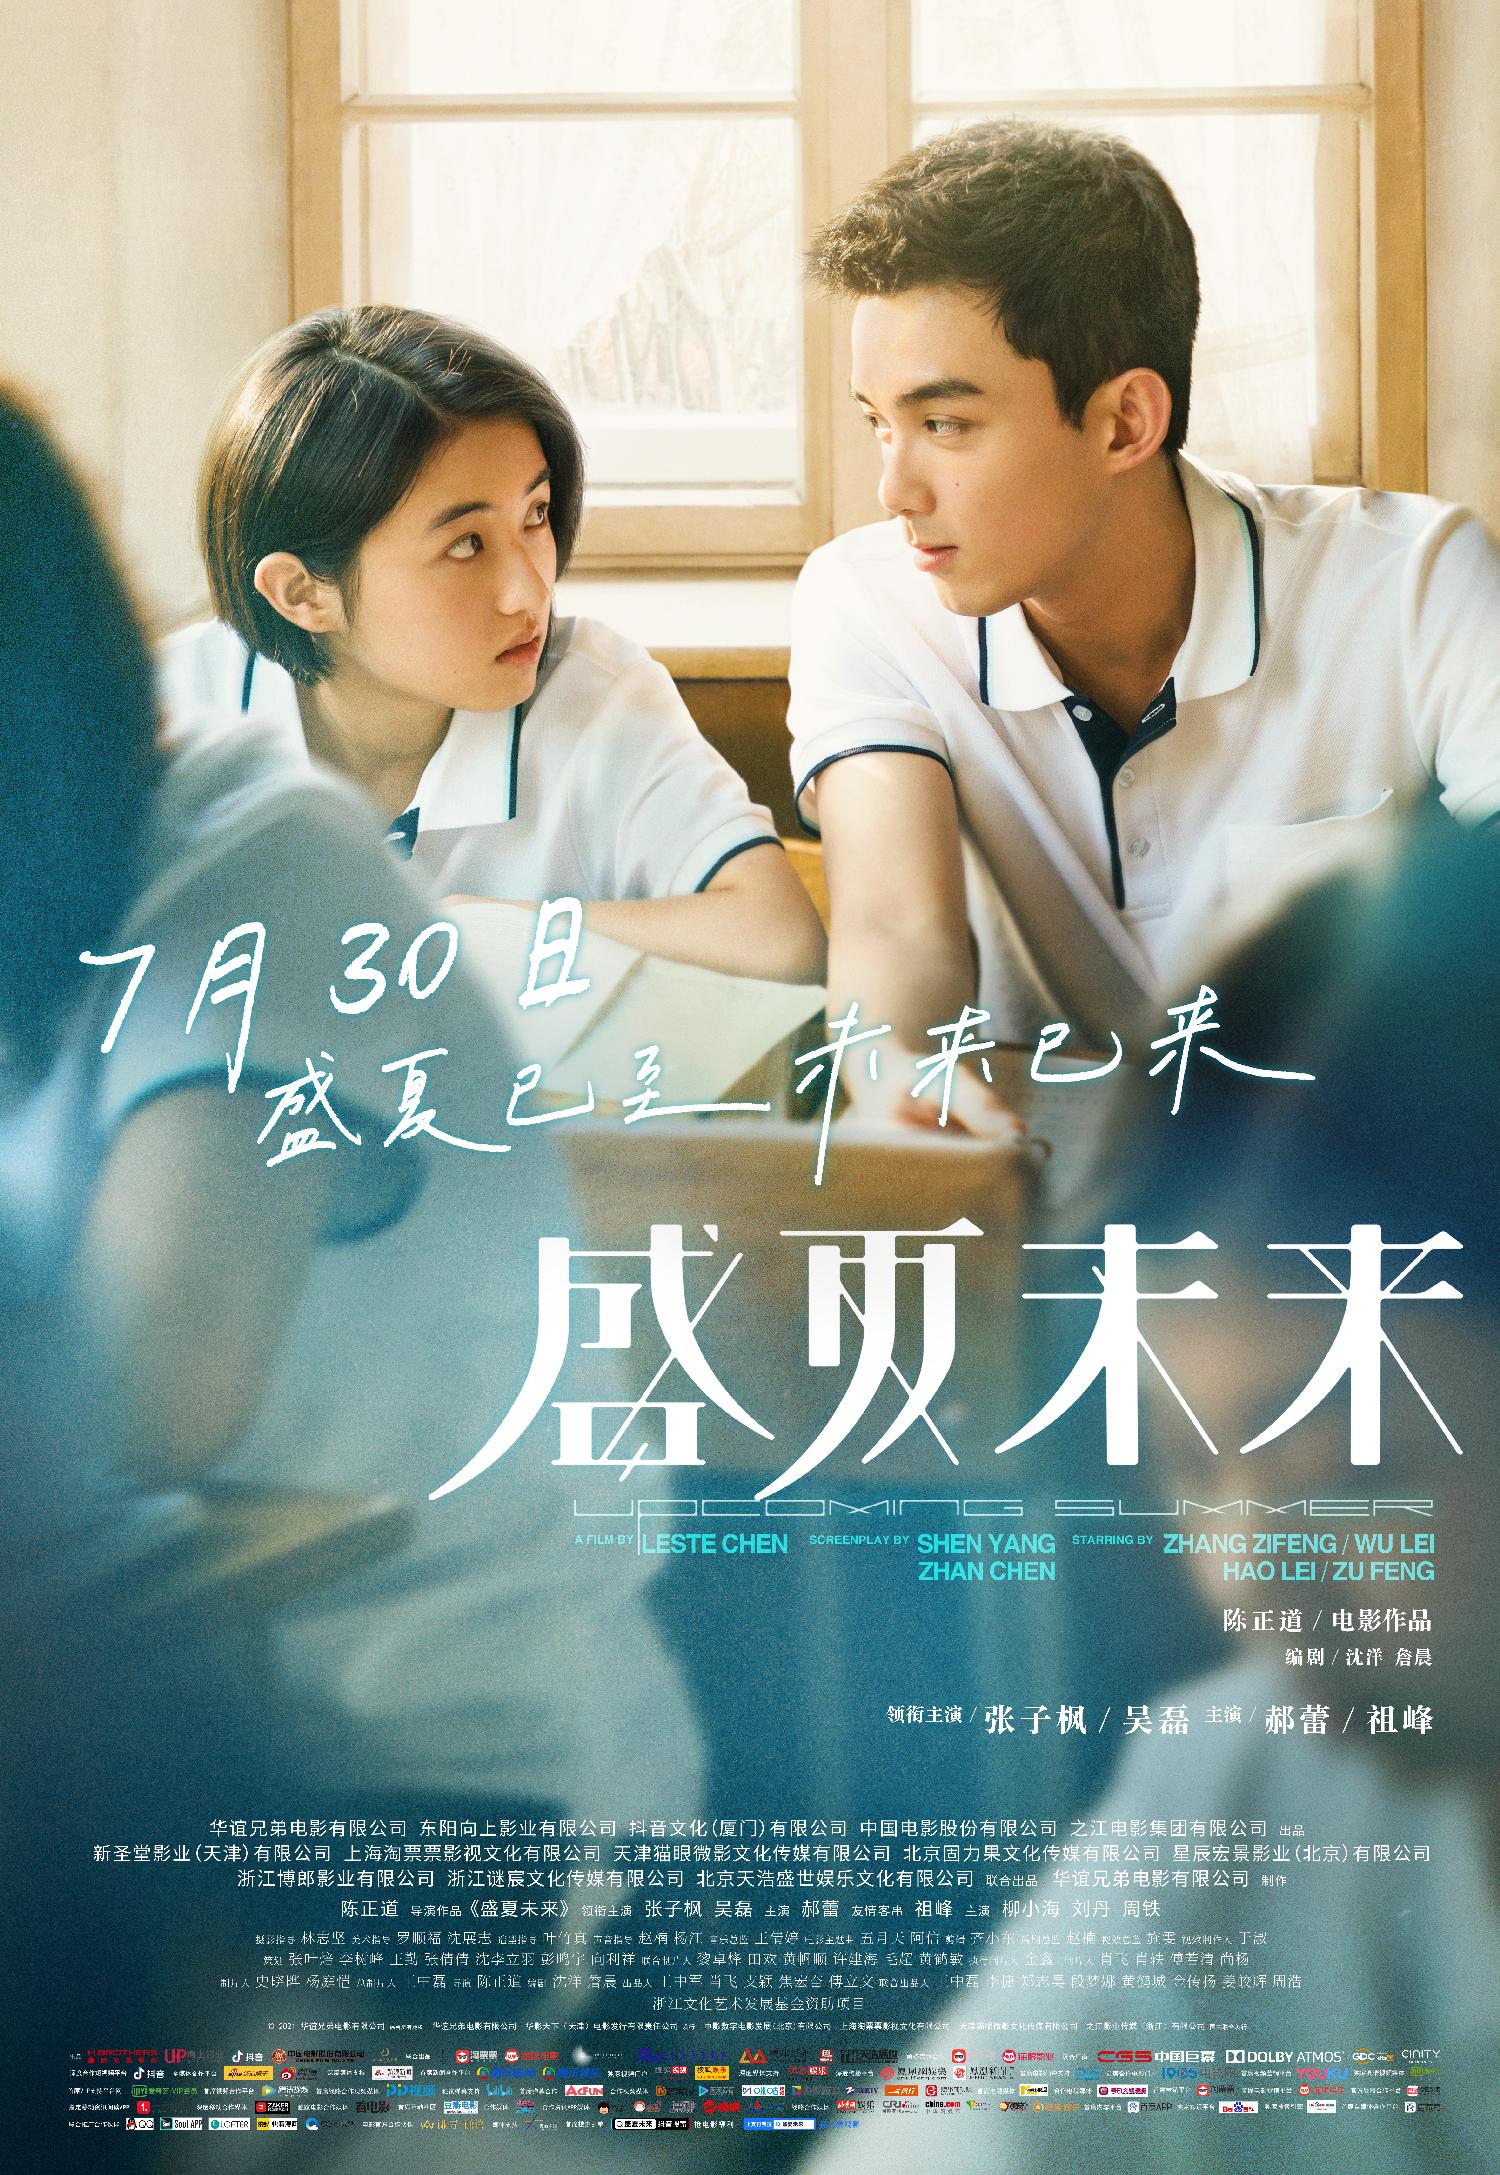 吴磊、张子枫《盛夏未来》青春就该大胆去爱,盛夏已至,未来已来